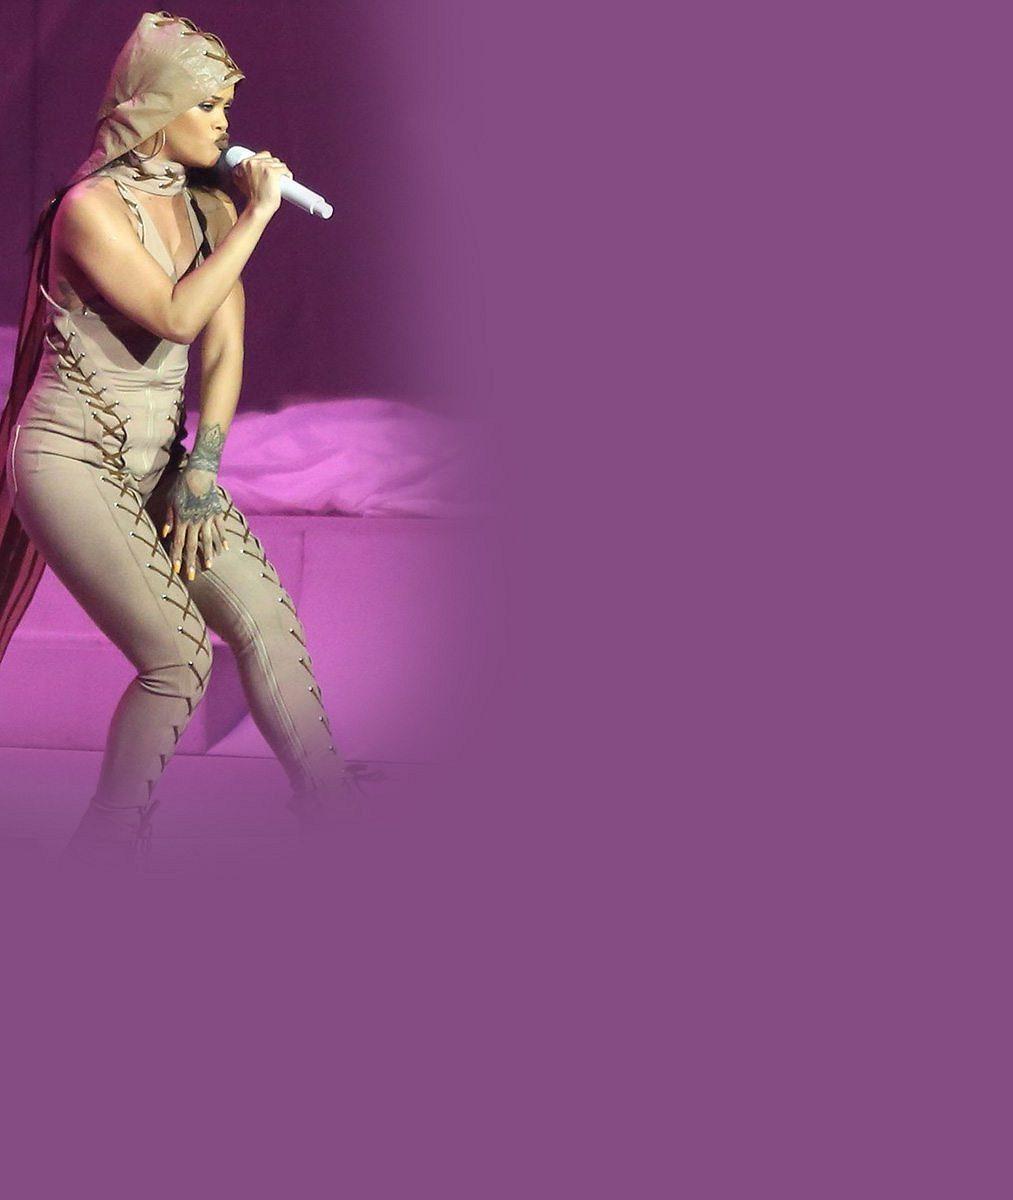 Rihanna si pod zcela průhledný župánek vzala jen kalhotky a vystavila obdivovaná ňadra